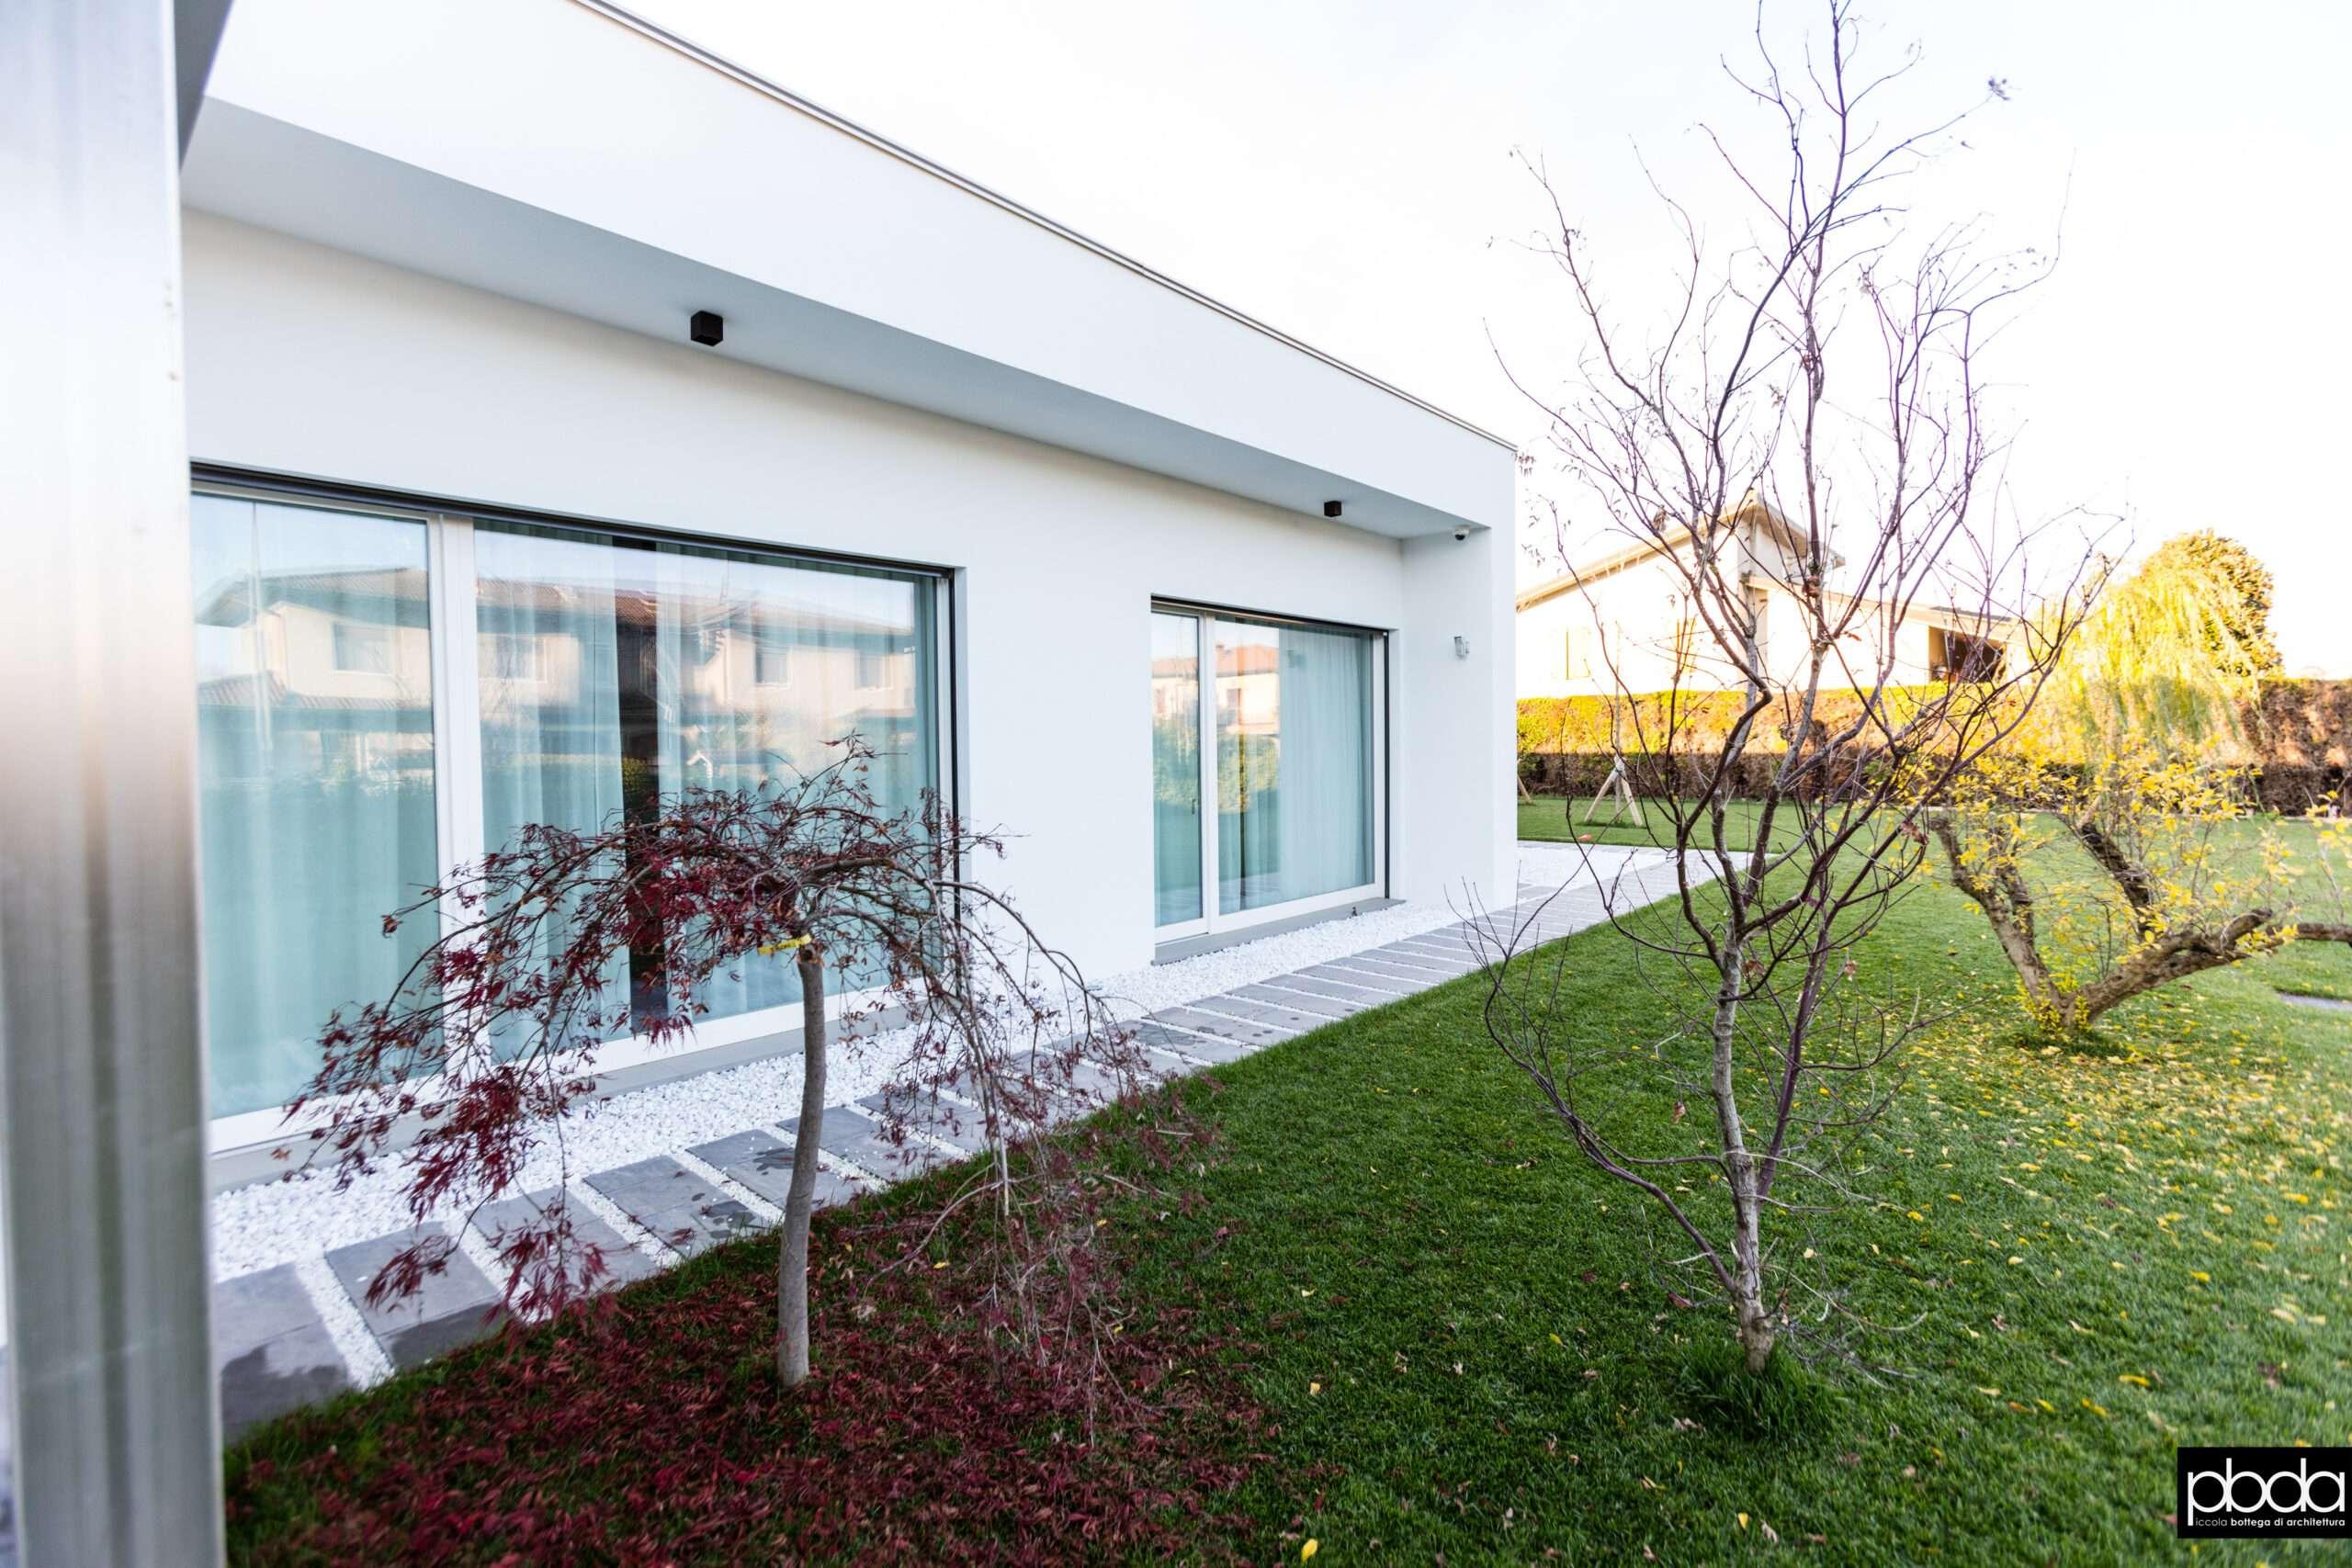 Serramenti isolanti Padova per una casa a basso consumo a Ferrara:un progetto portato a termine con successo